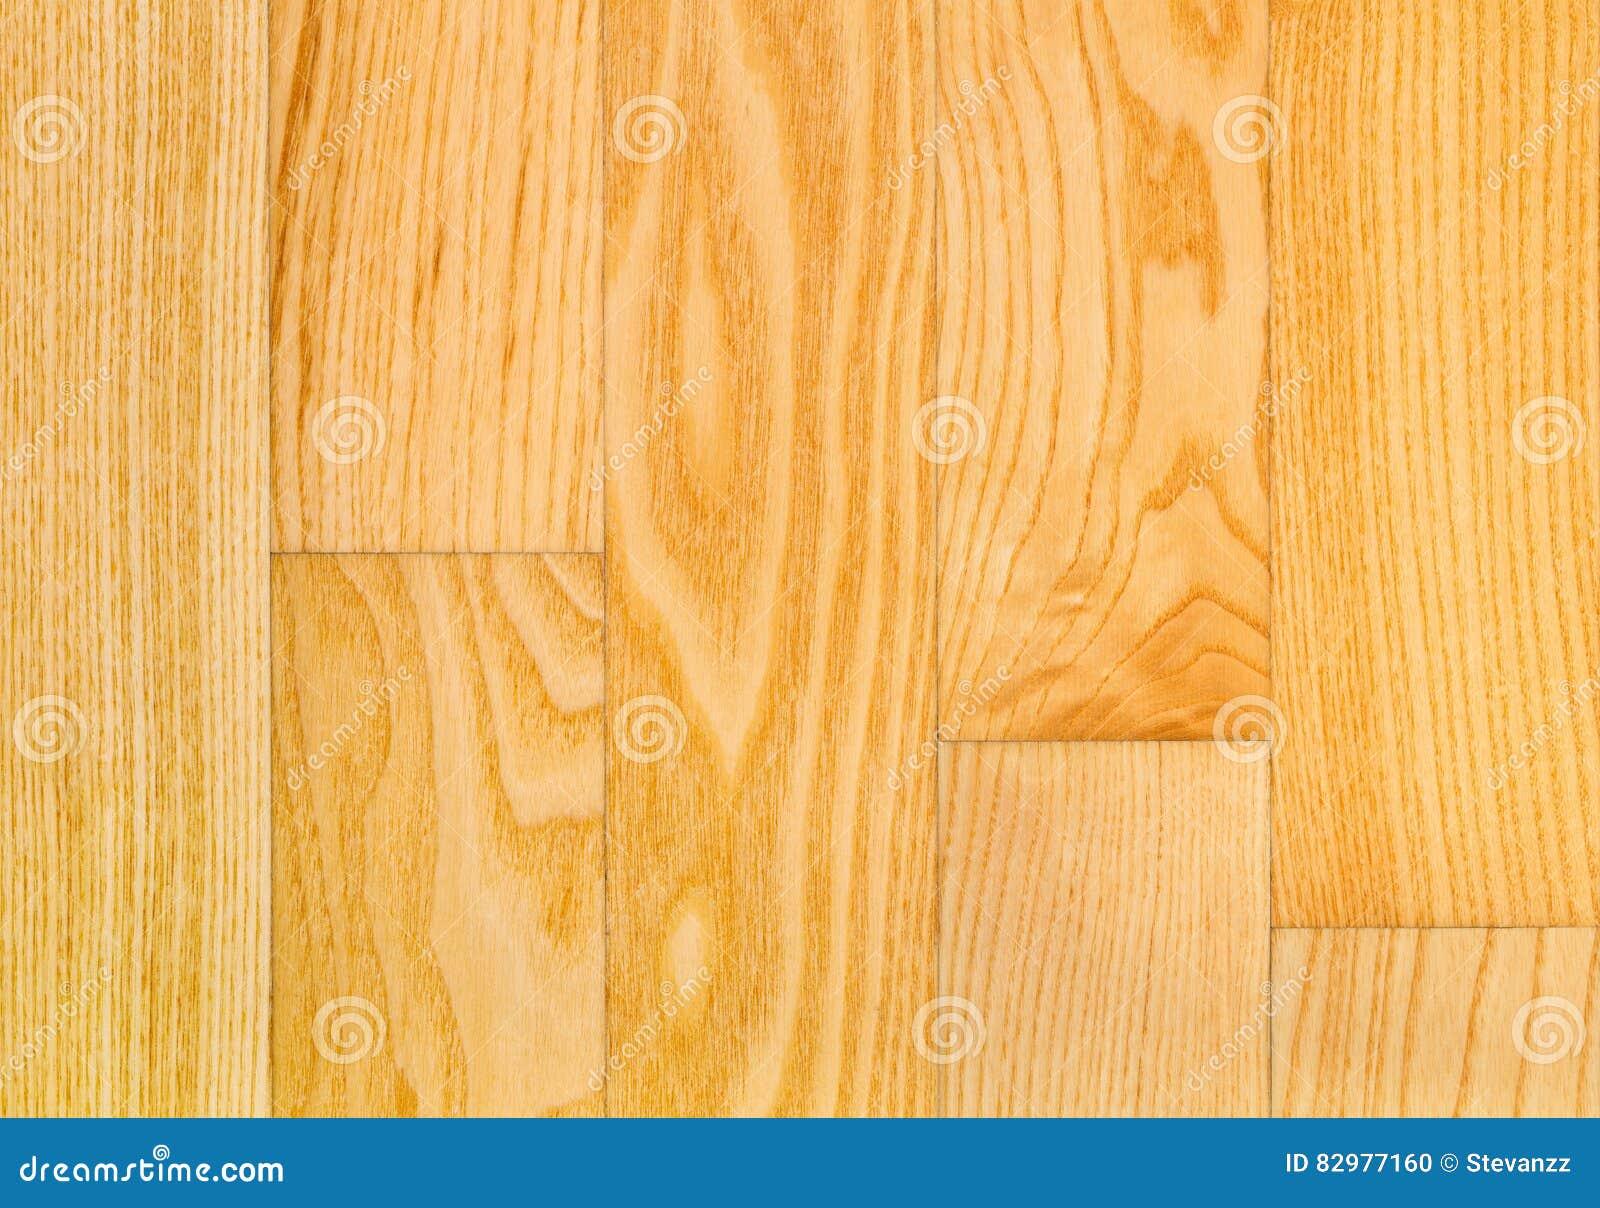 Oak Durmast Wood parquet flooring background texture pattern